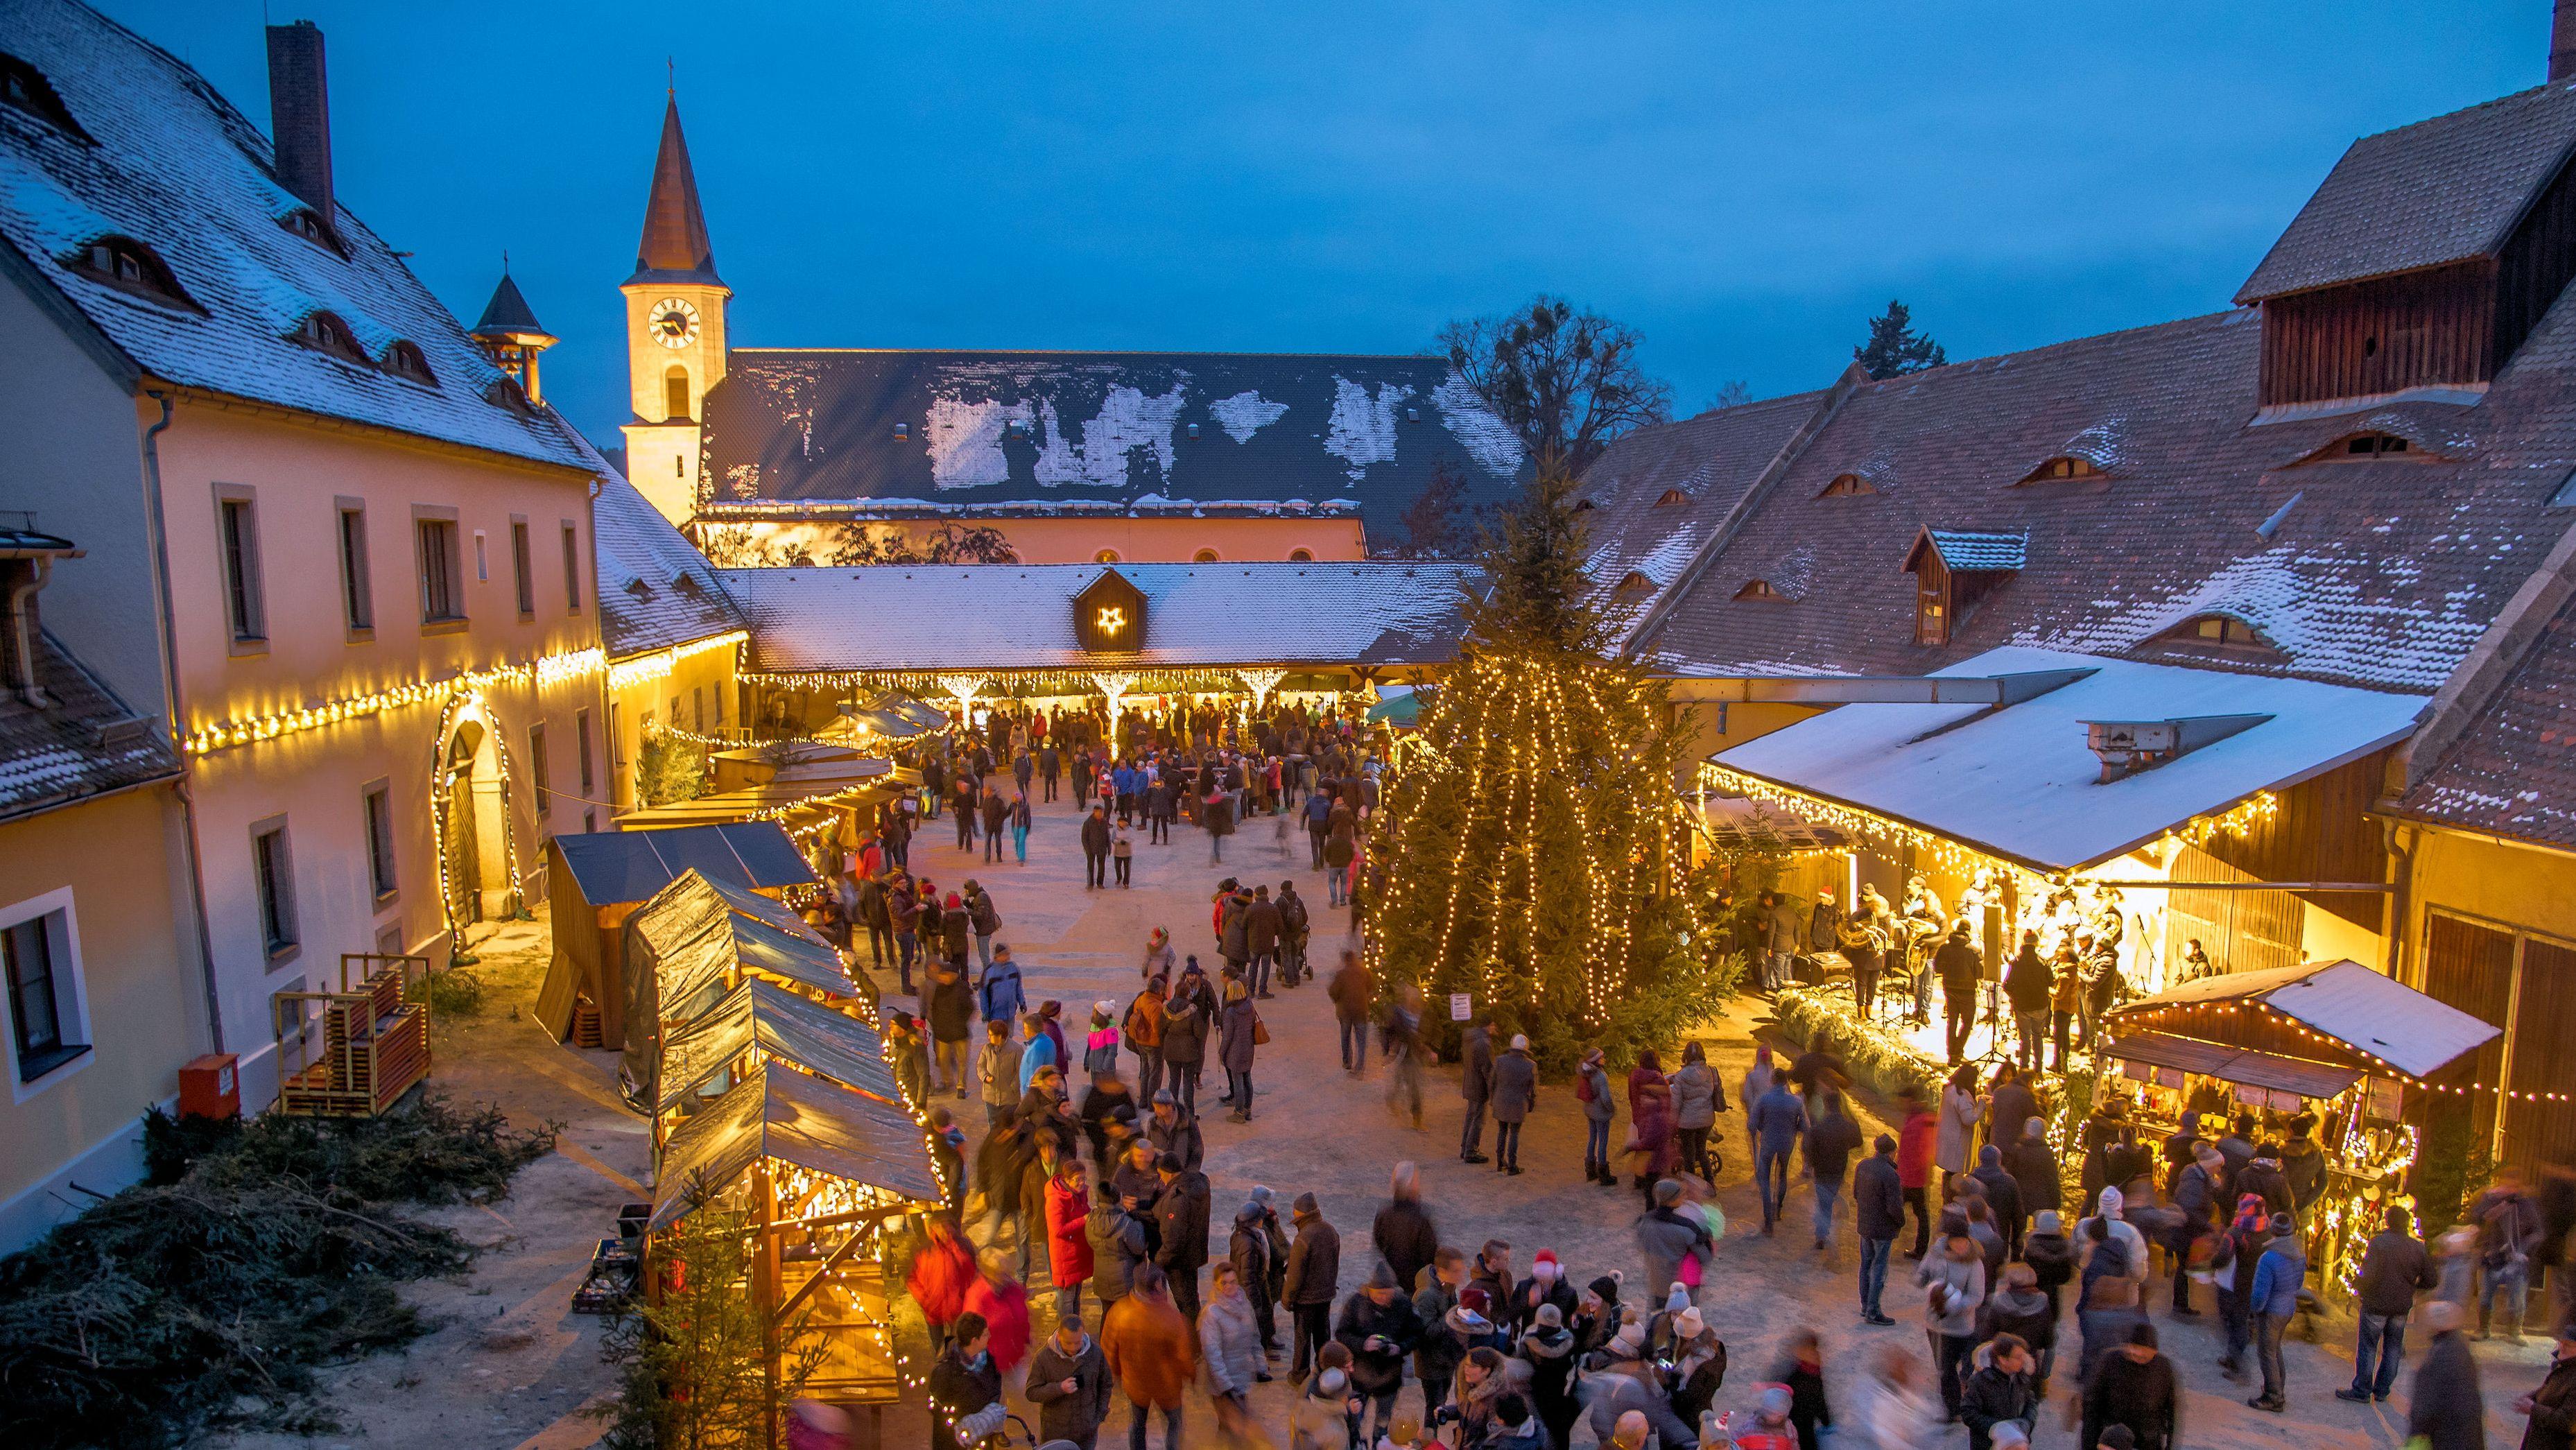 Weihnachtsmarkt im Ökonomiehof des Schlosses von Friedenfels